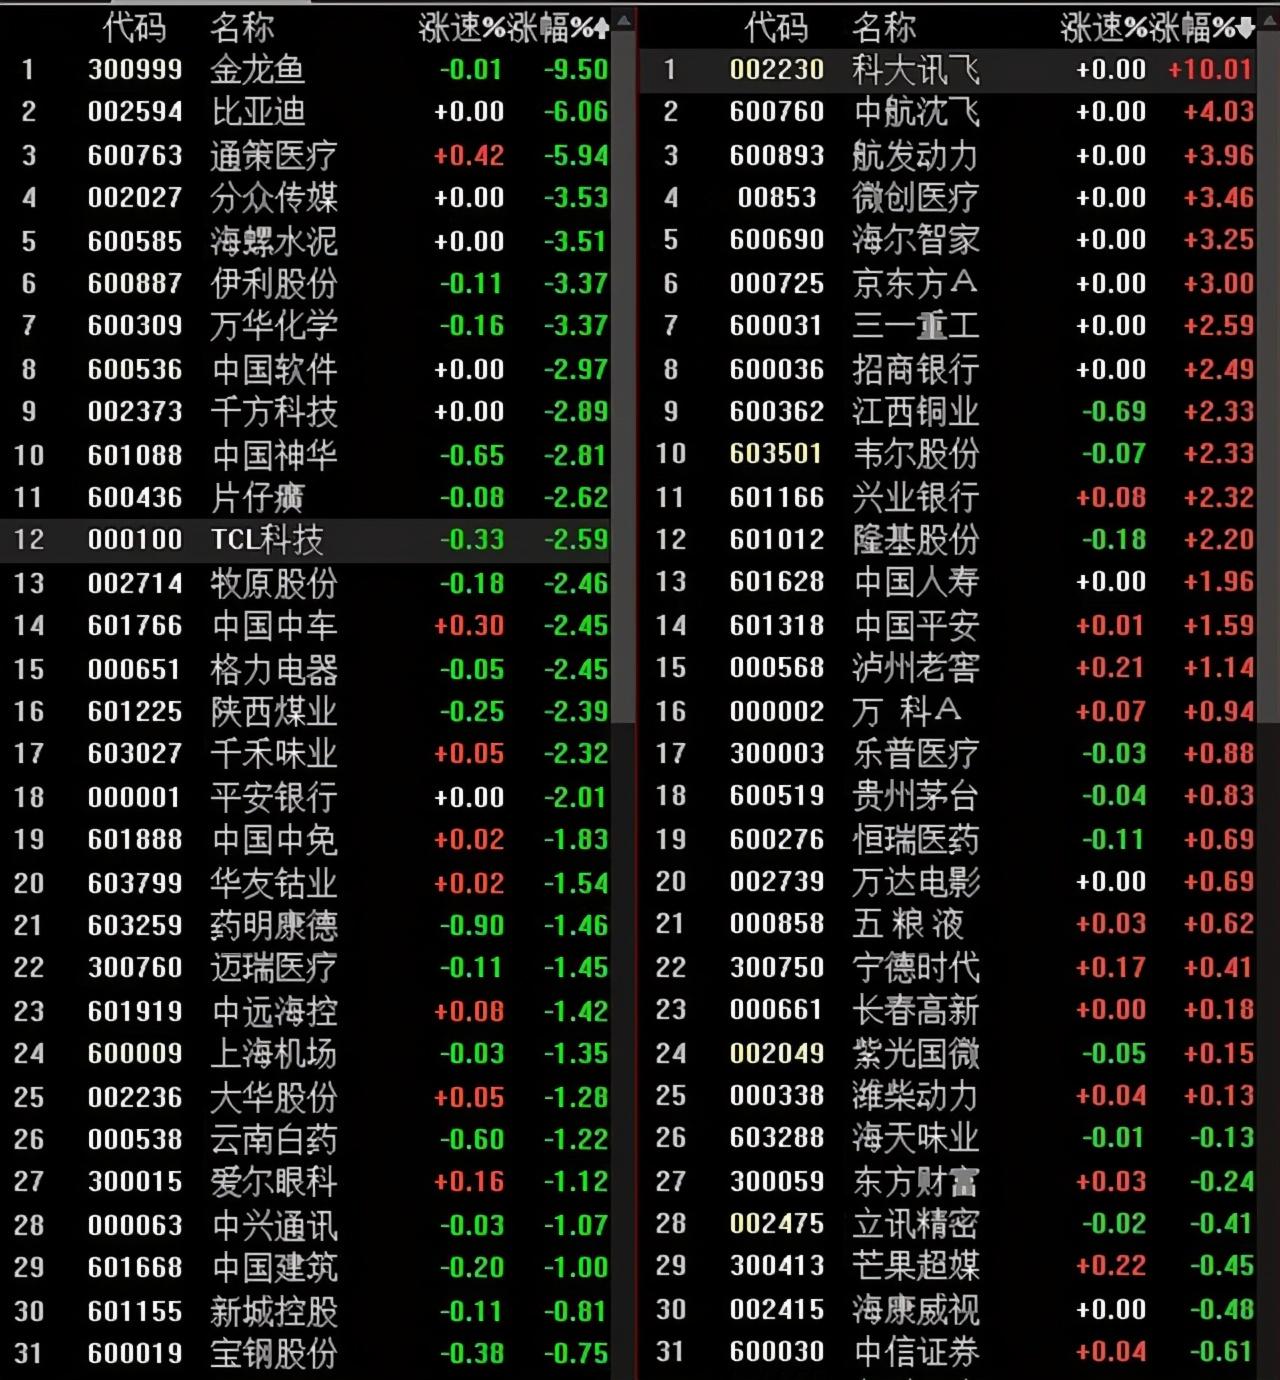 最近几天,科技股将有一个大市场:韦尔股份、兰斯微、BOE和赵一创新